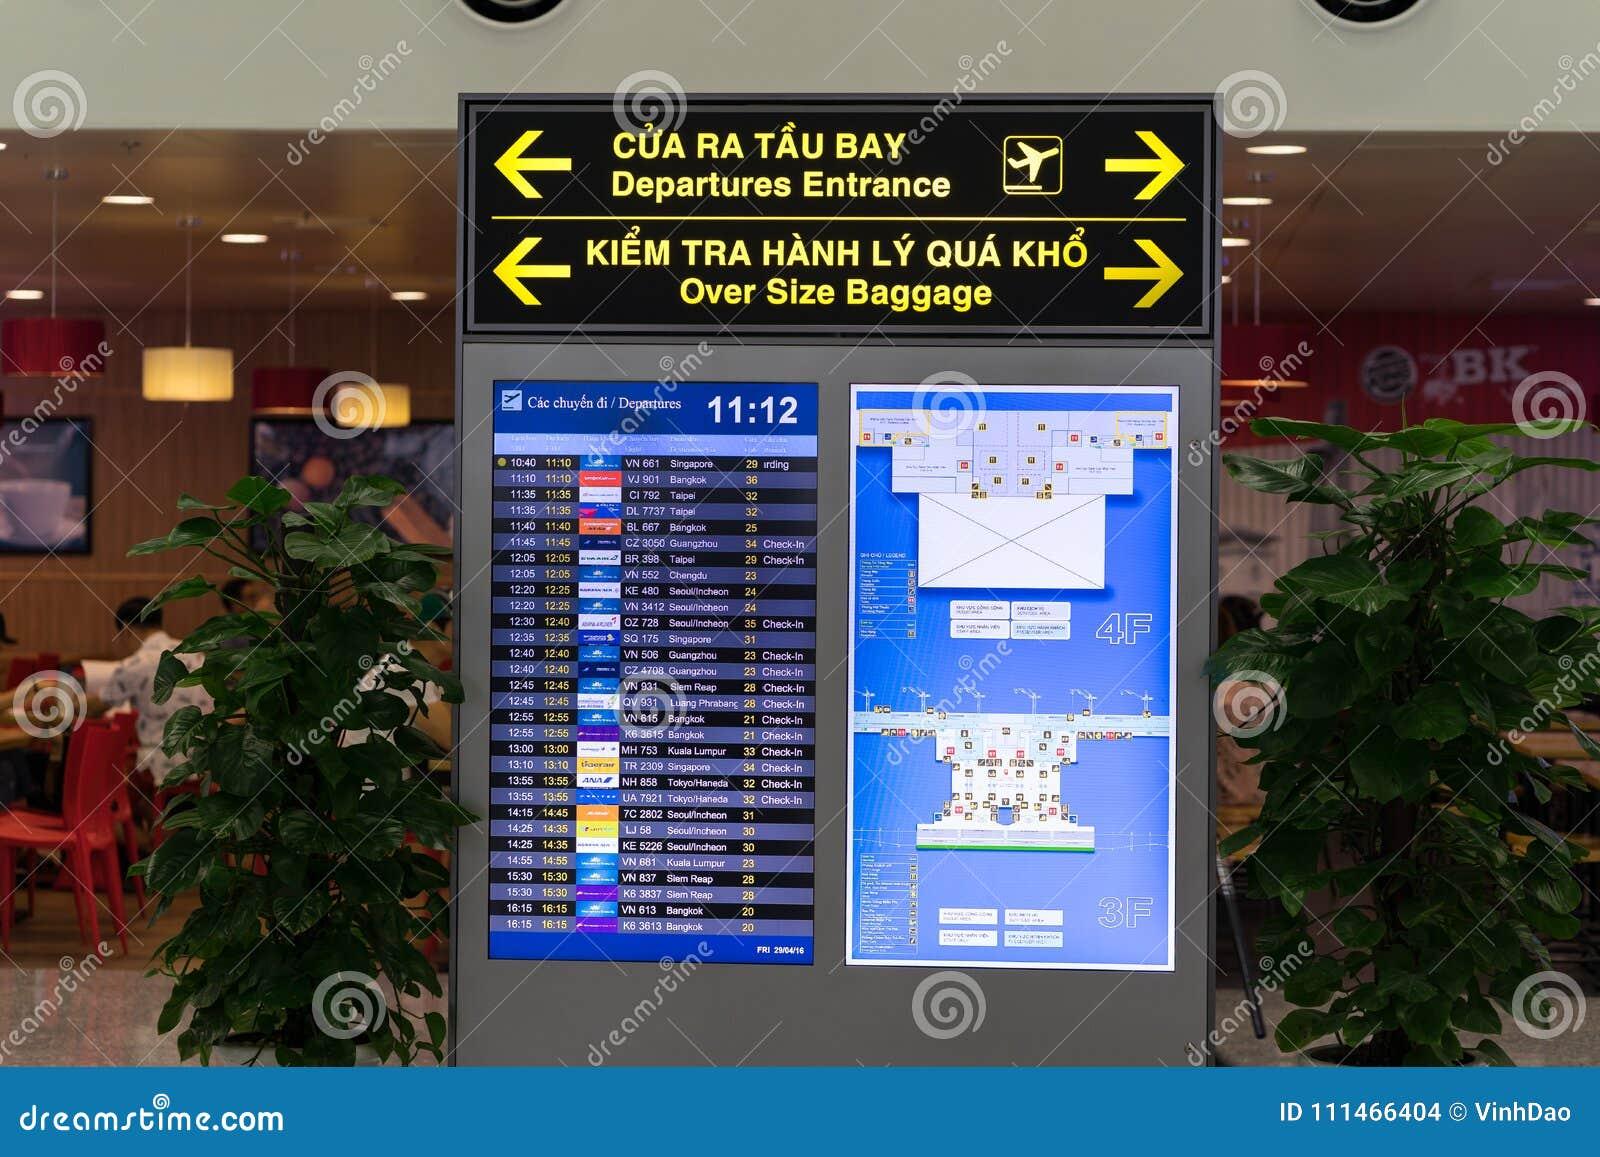 Ανόι, Βιετνάμ - 29 Απριλίου 2016: Επίδειξη των οδηγήσεων αερολιμένων για τους χρόνους και τους προορισμούς αναχώρησης στο διεθνή